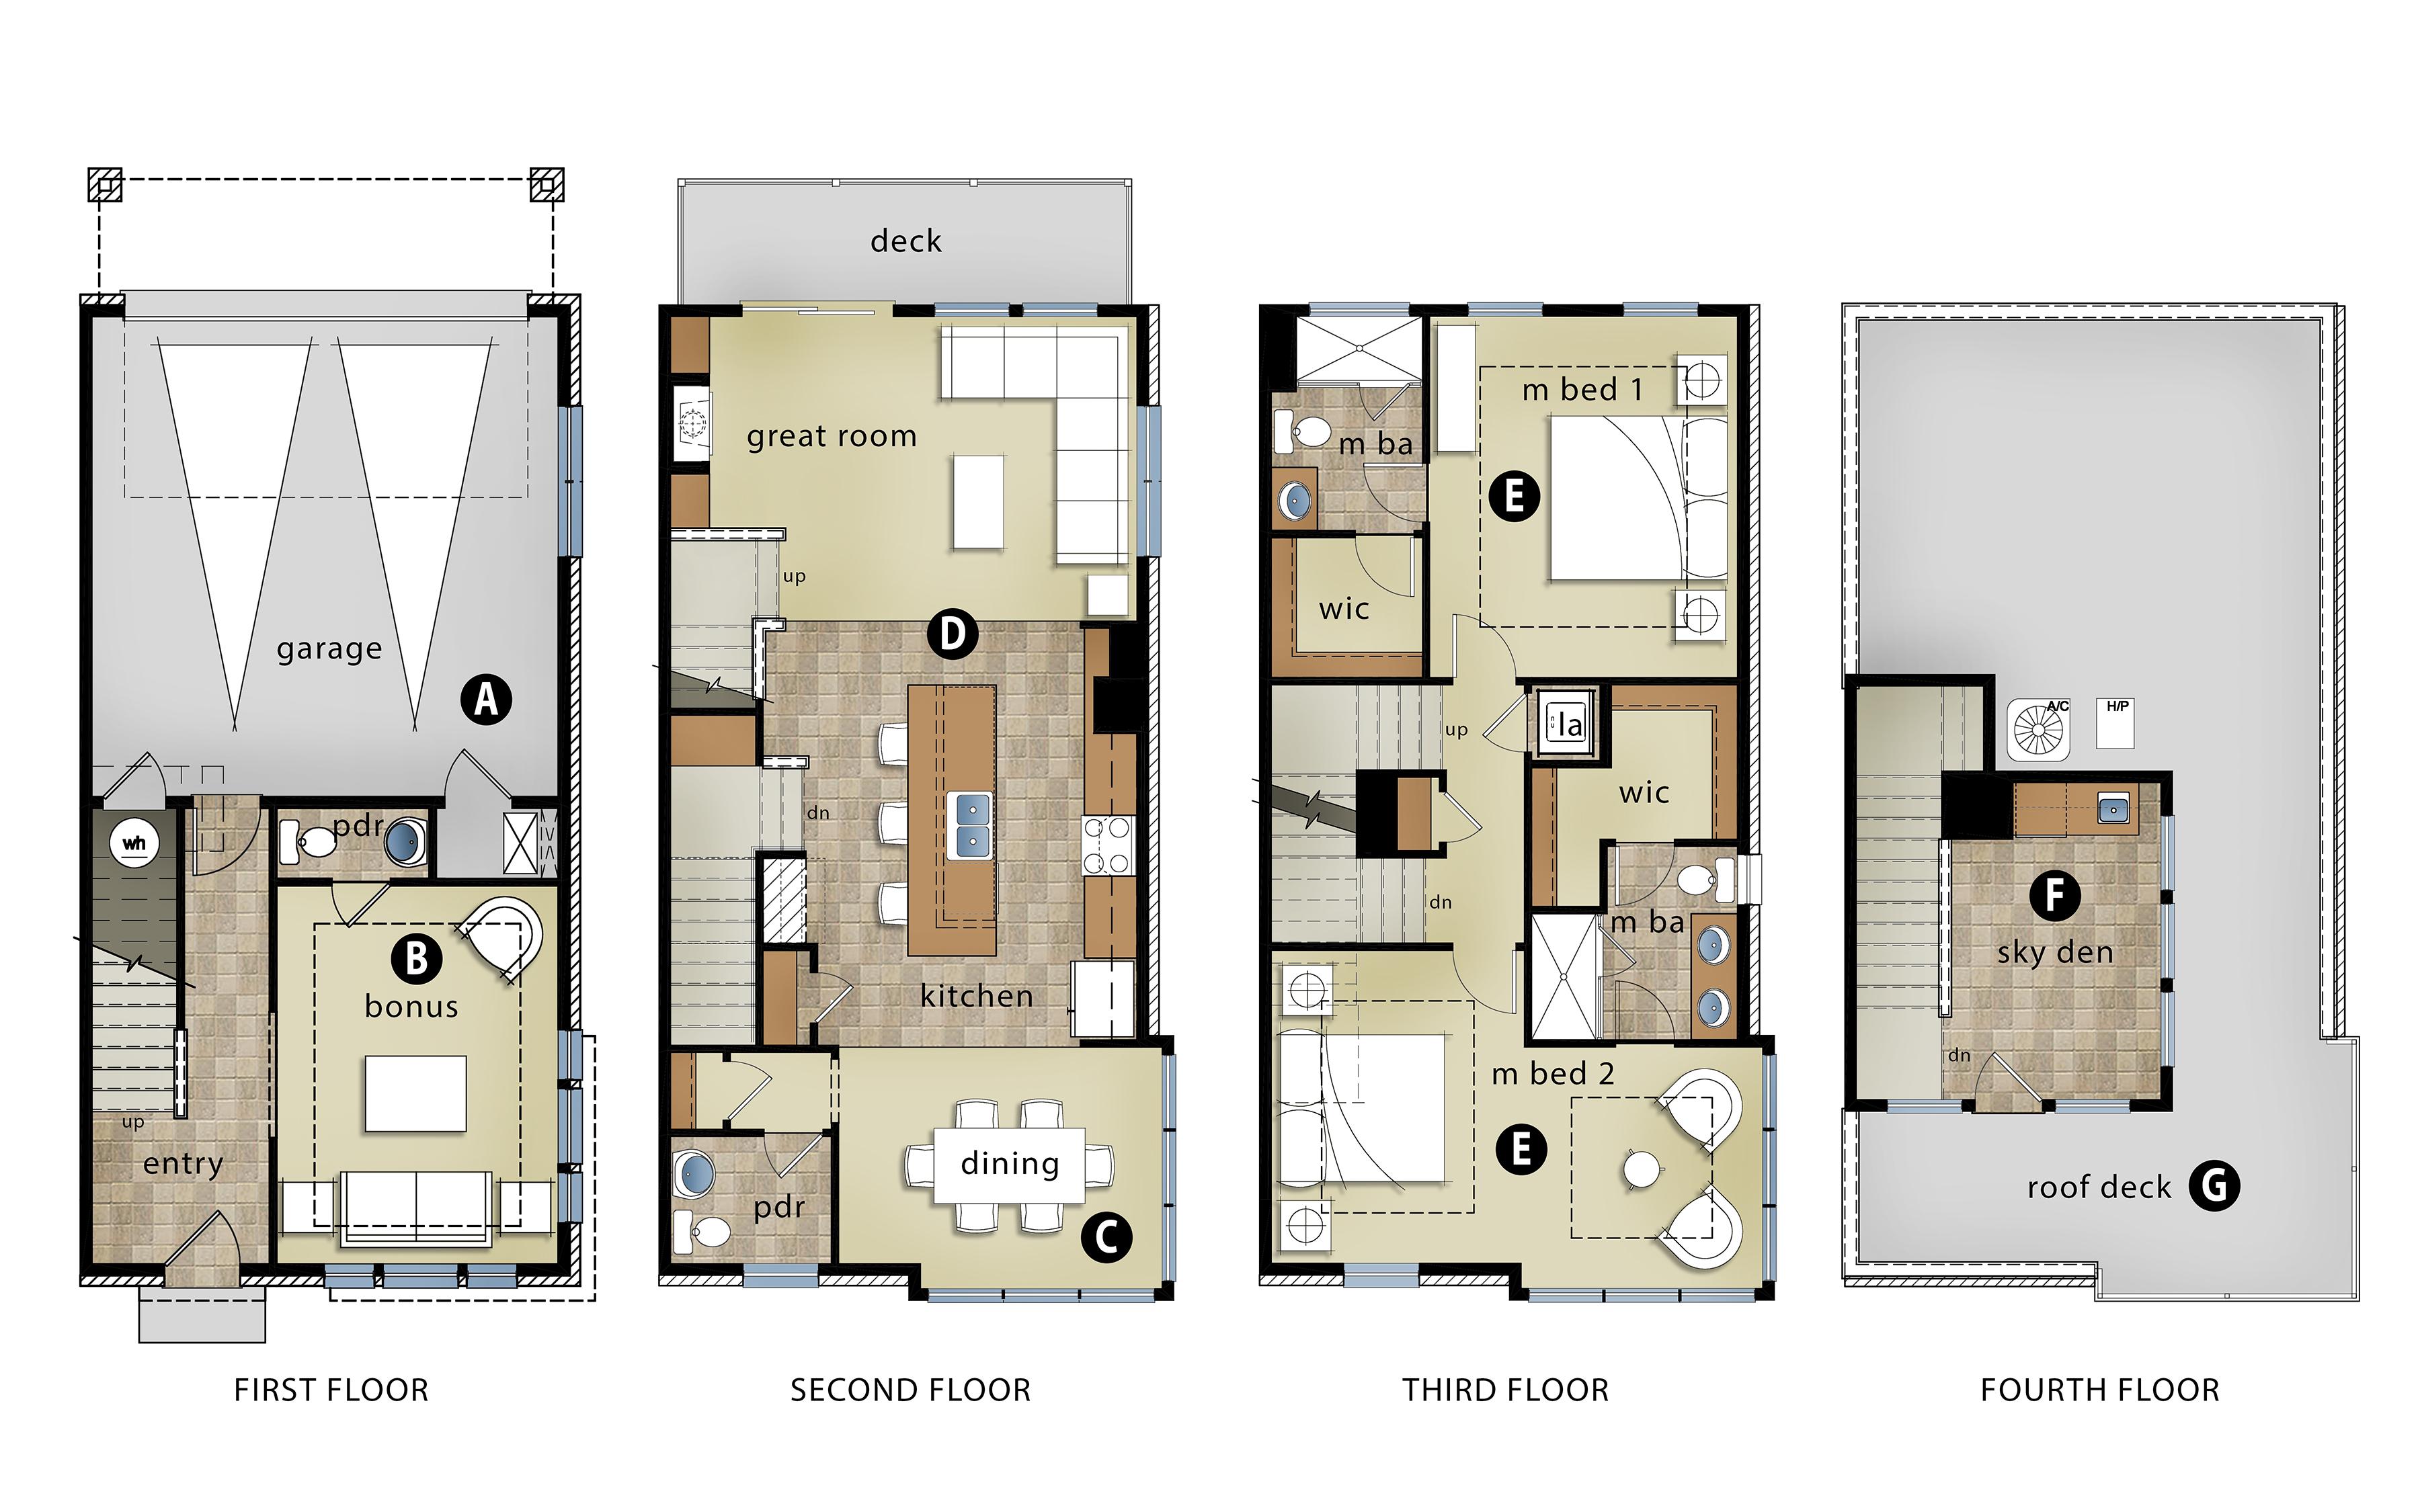 28 home design pro review ashampoo home designer pro tamb home design pro review house review contemporary design pro builder